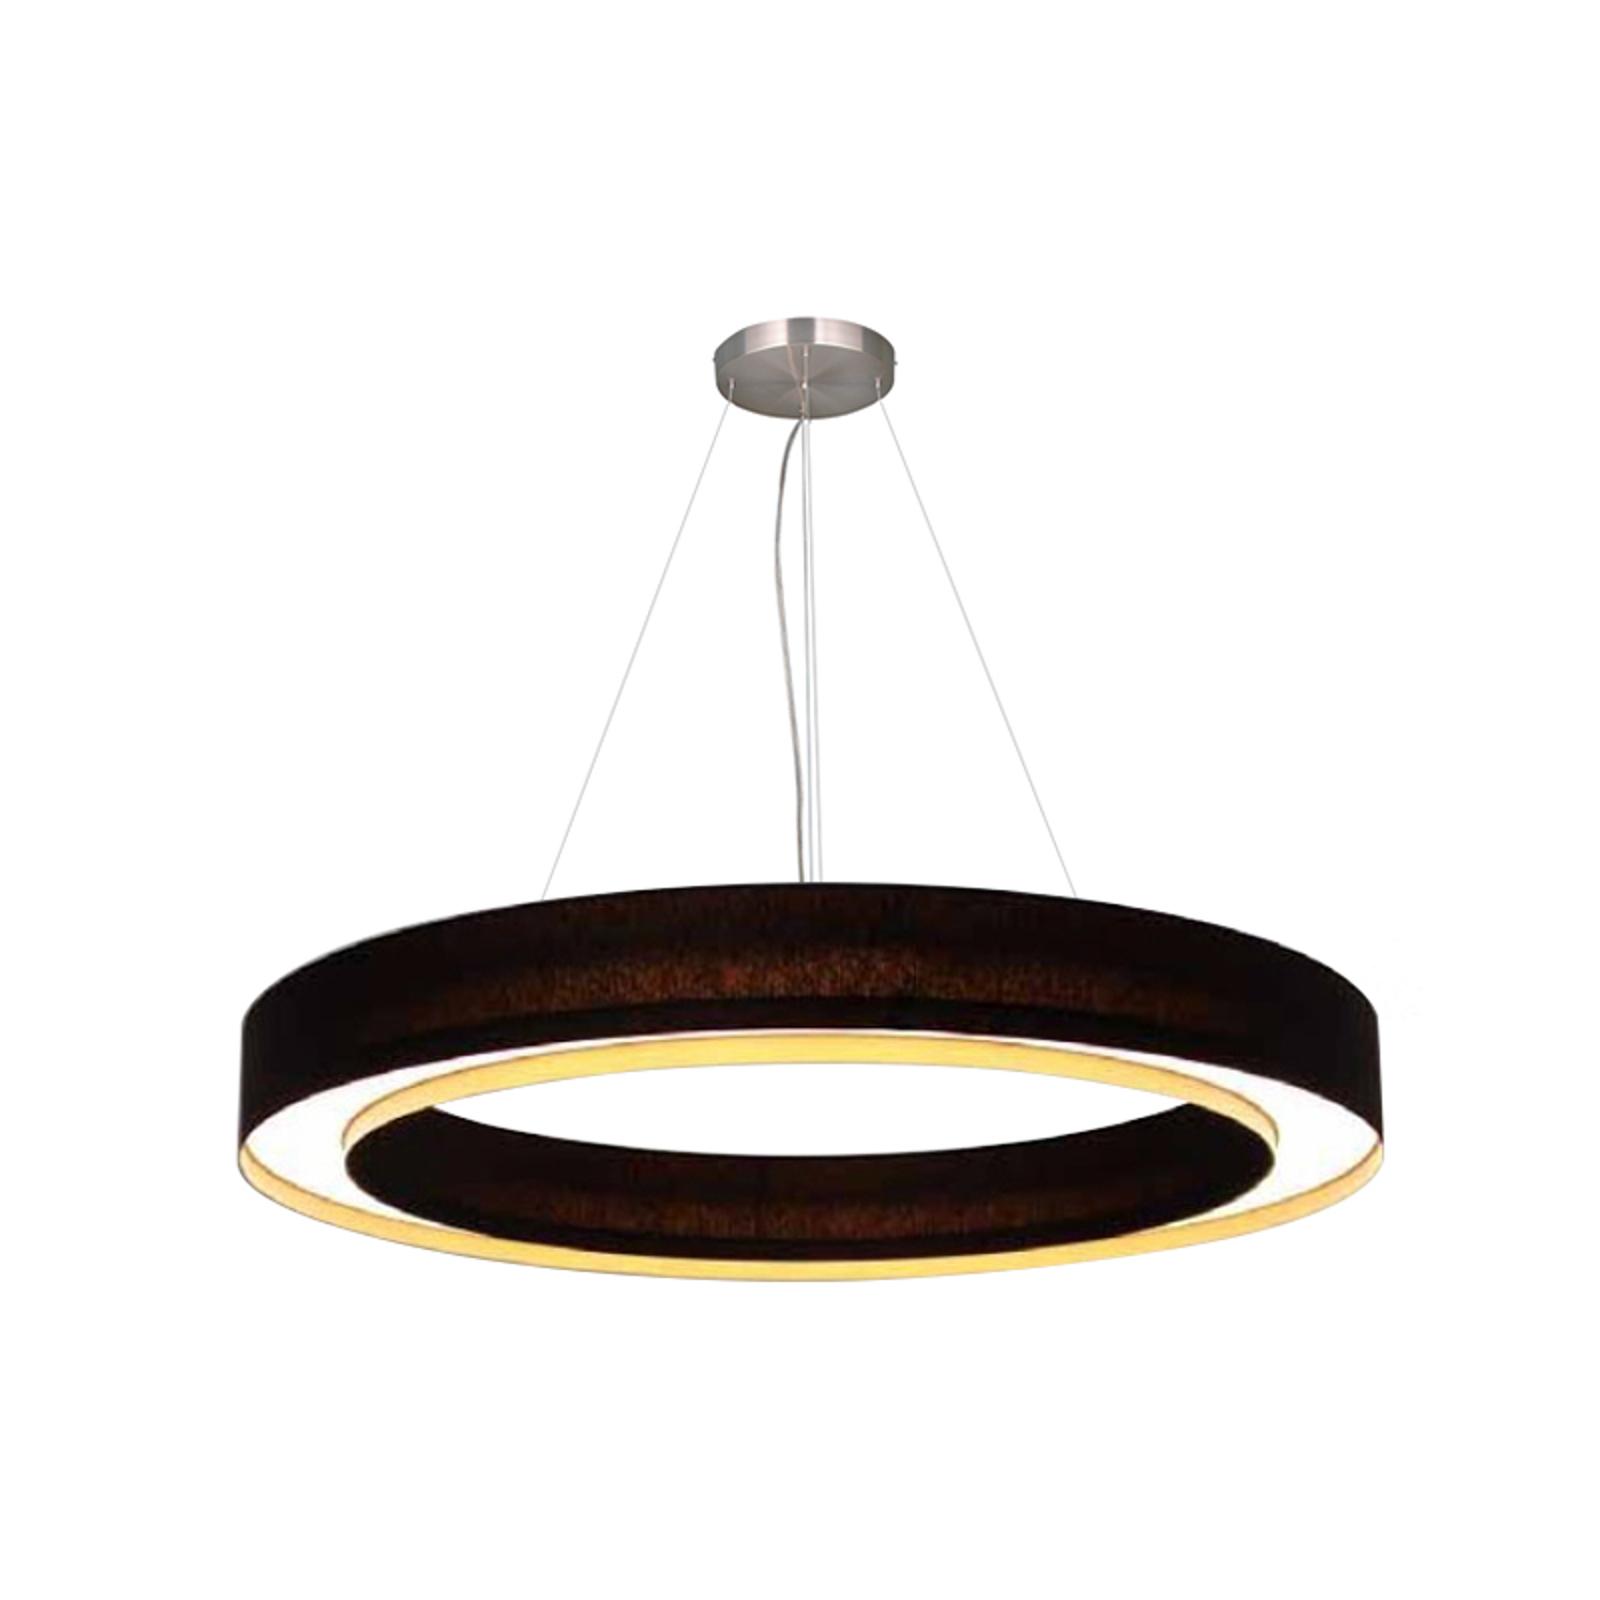 Kruhové LED závěsné světlo Cloud, 45 cm